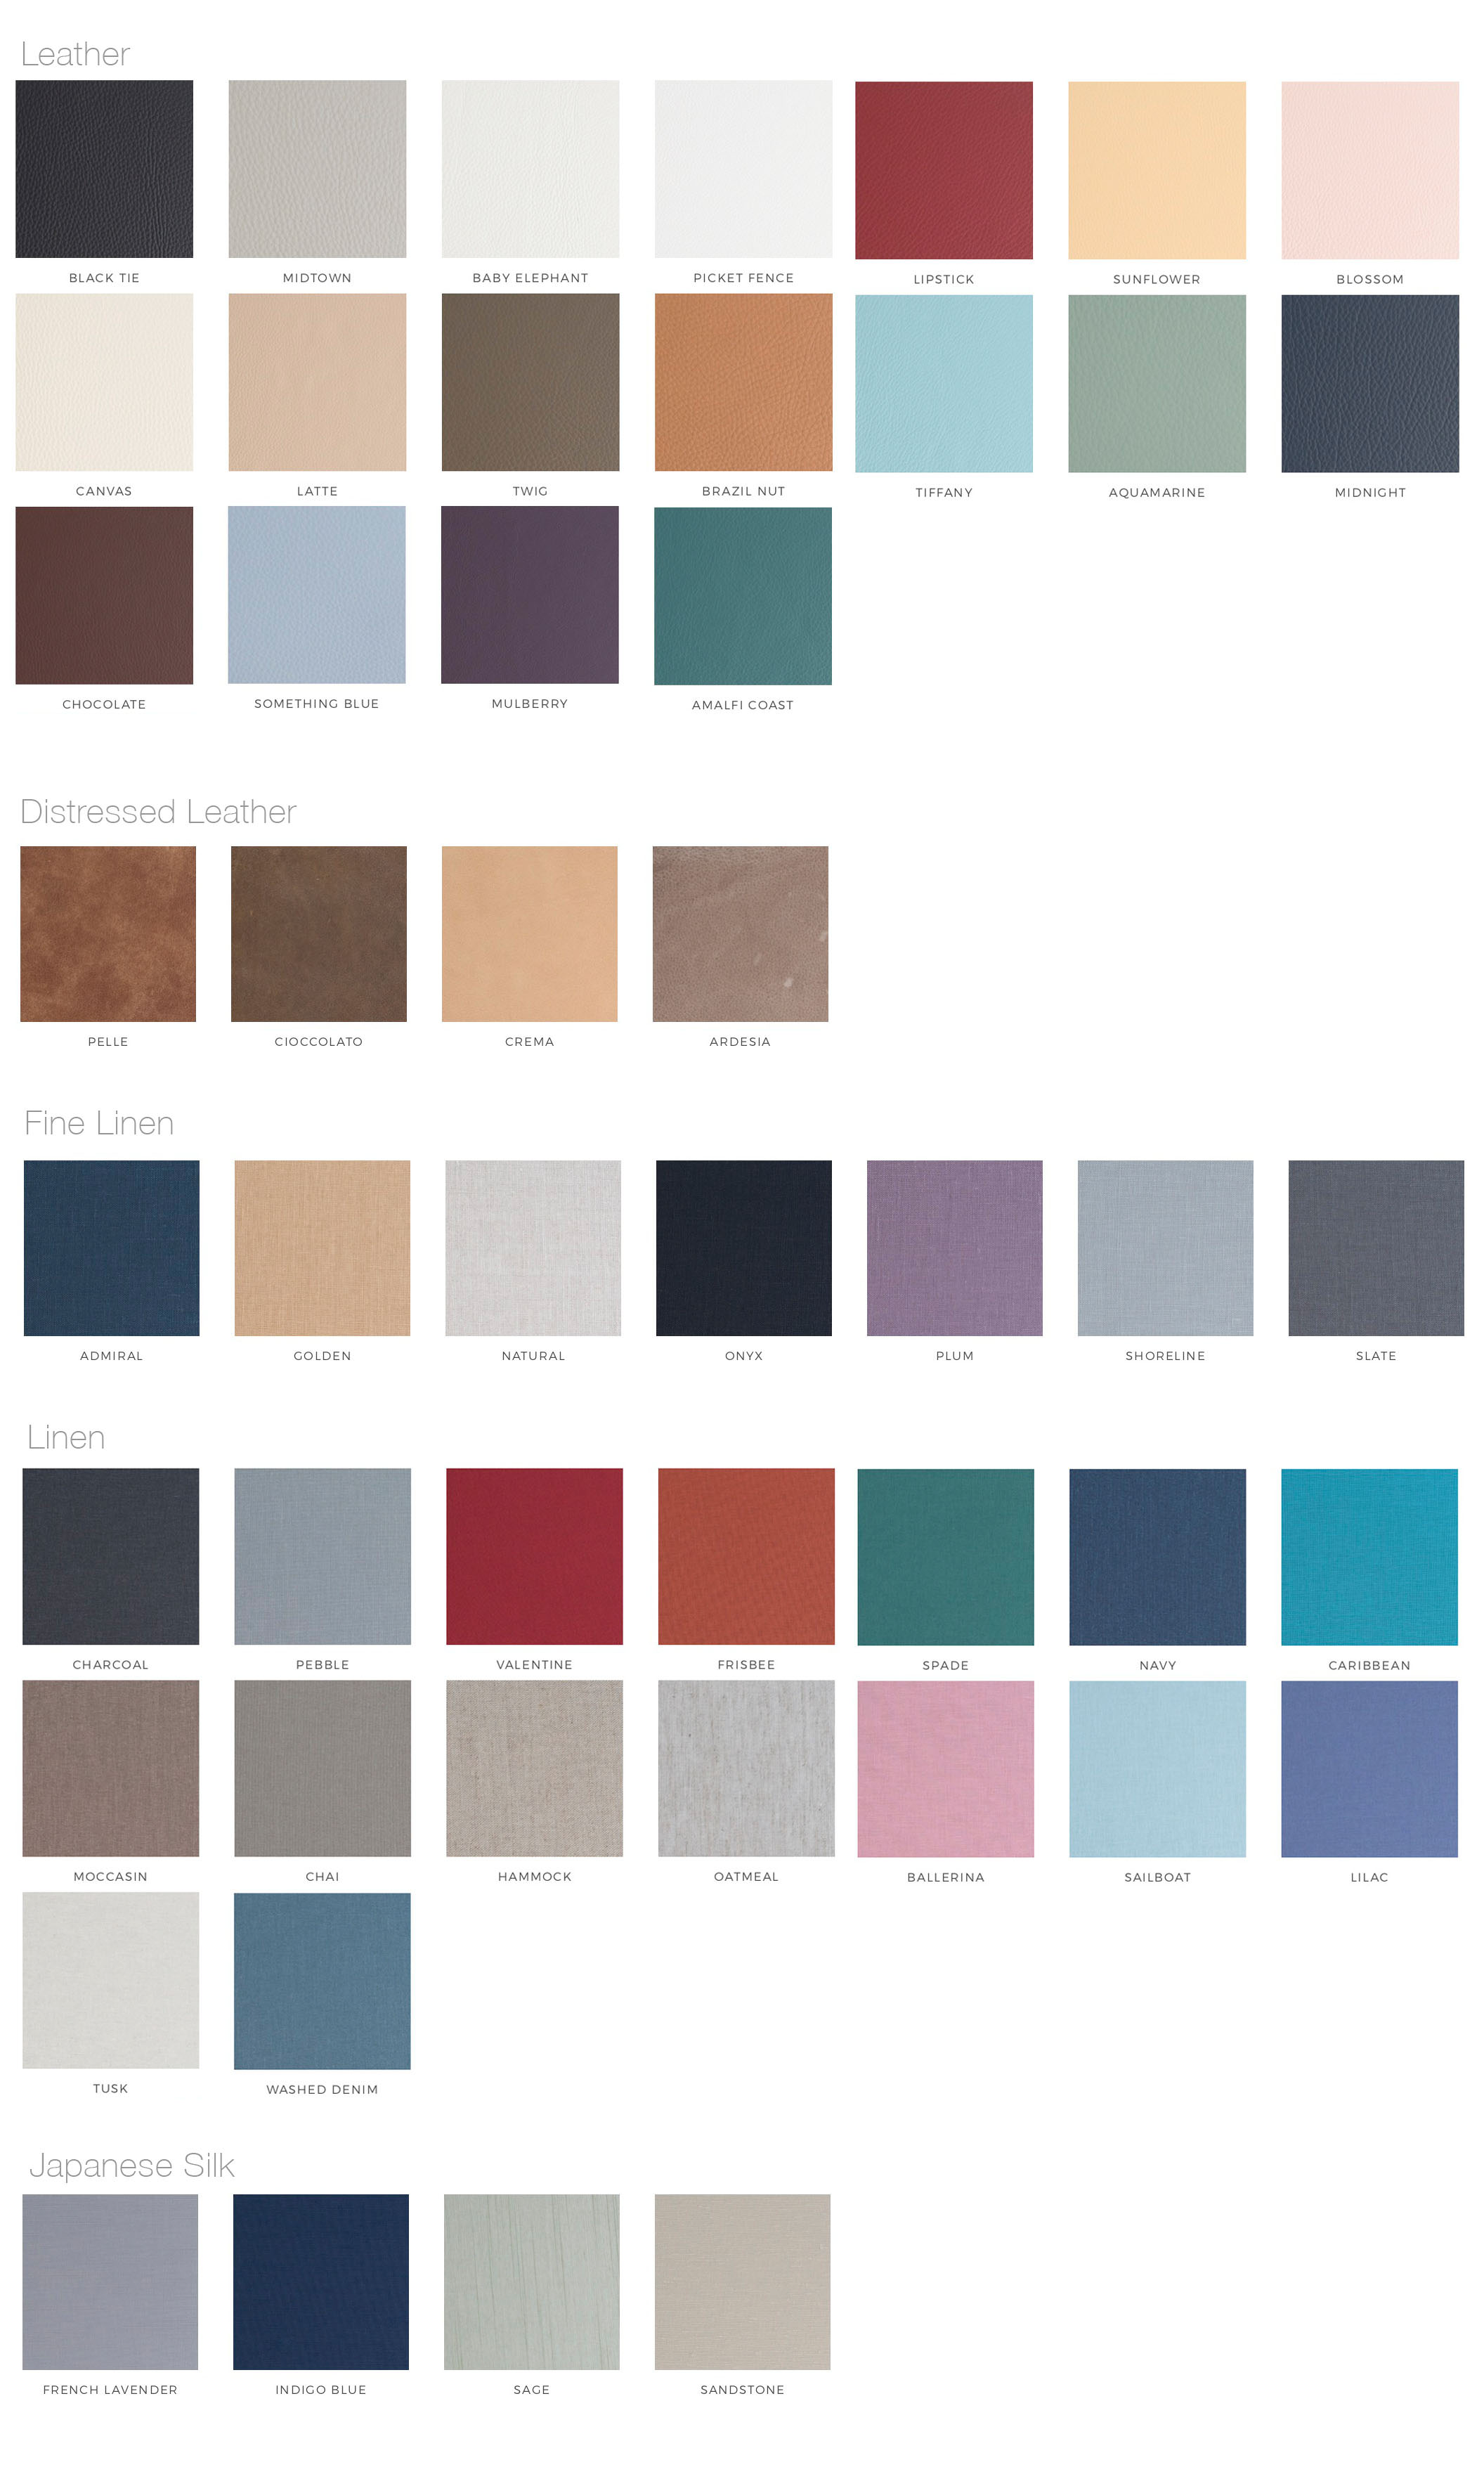 album_colors.jpg